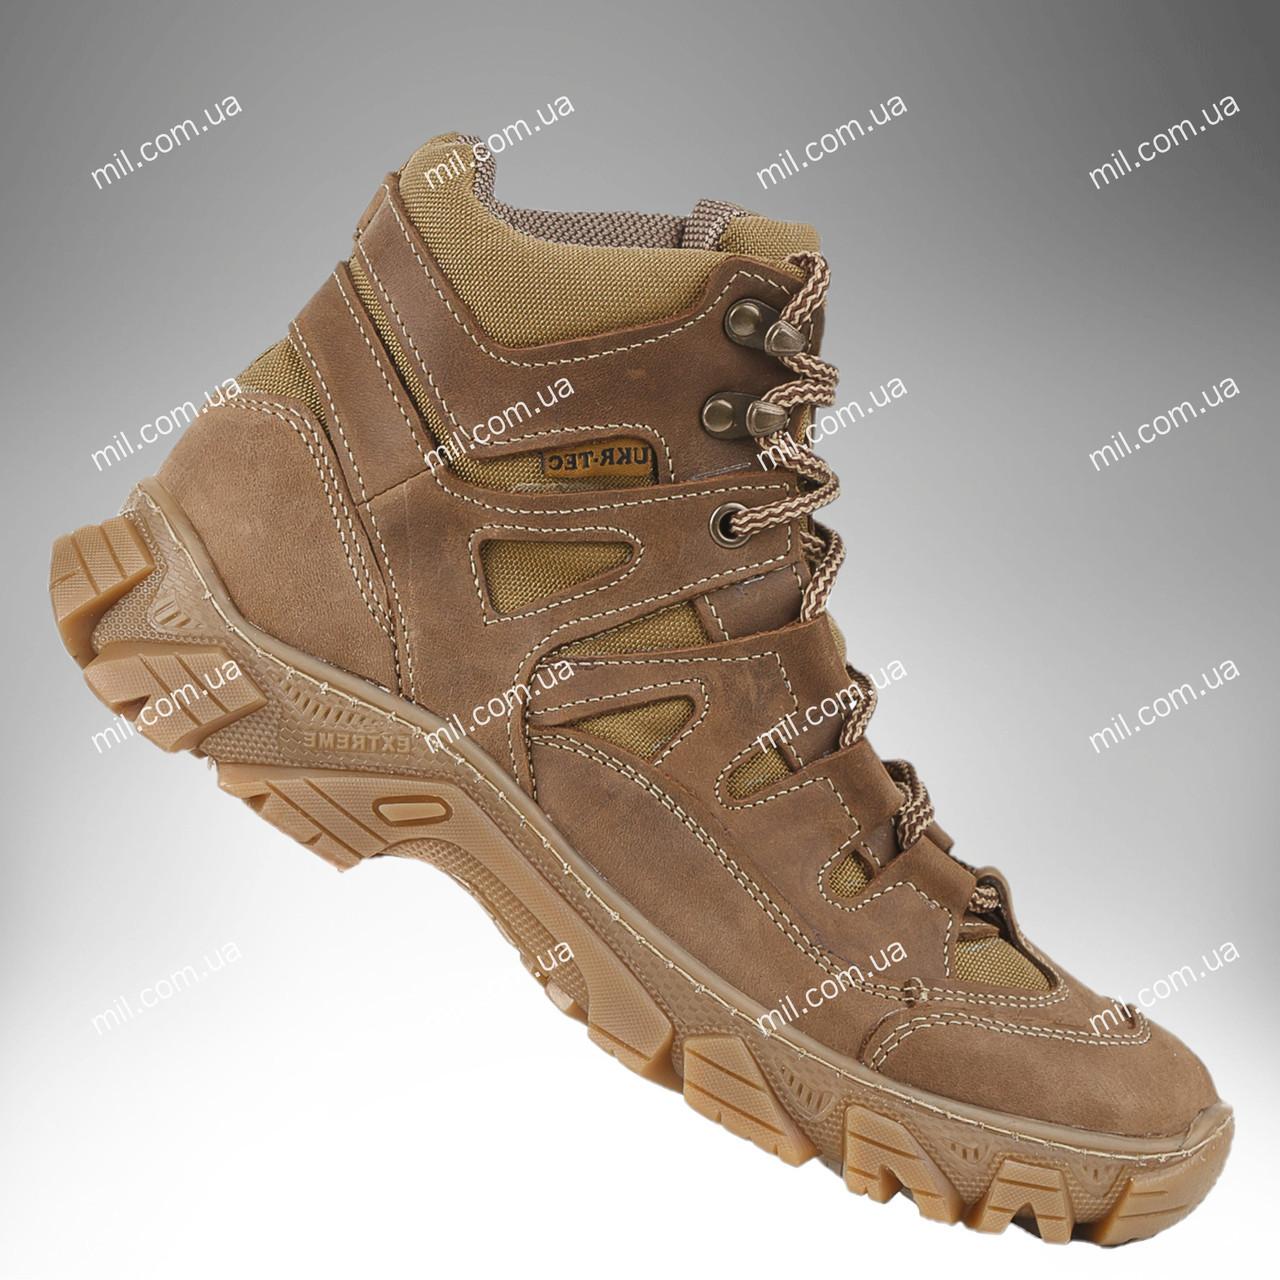 ⭐⭐Тактическая обувь демисезонная / военные, армейские ботинки Tactic HARD Gen.II (крейзи)   военная обувь,